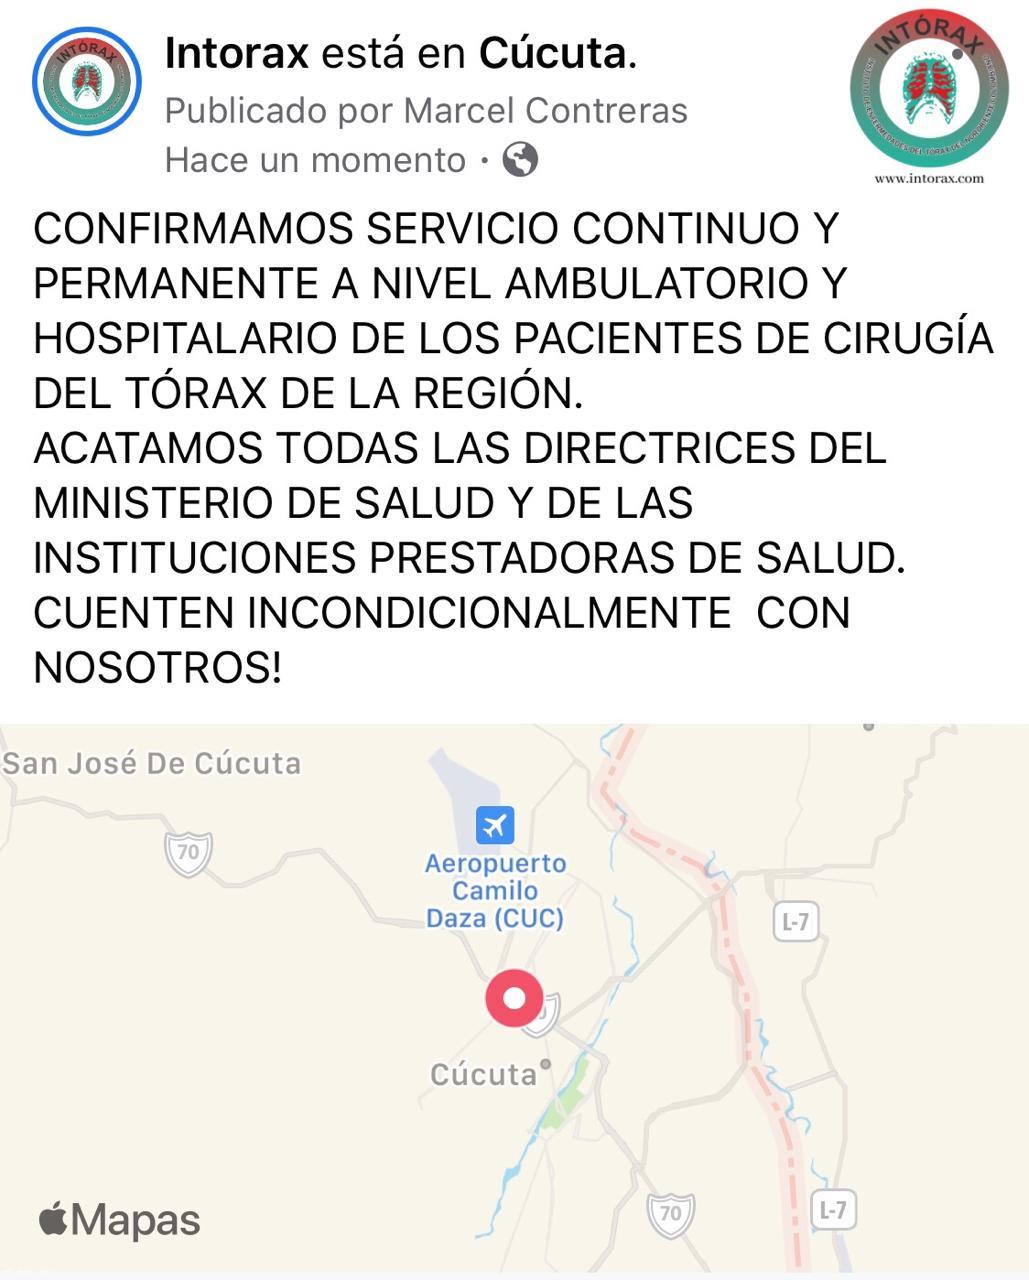 CONFIRMAMOS SERVICIO CONTINUO Y  PERMANENTE A NIVEL AMBULATORIO Y HOSPITALARIO DE LOS PACIENTES DE CIRUGÍA DEL TÓRAX DE LA REGIÓN.  ACATAMOS TODAS LAS DIRECTRICES DEL MINISTERIO DE SALUD Y DE LAS INSTITUCIONES PRESTADORAS DE SALUD.  CUENTEN INCONDICIONALMENTE  CON NOSOTROS!